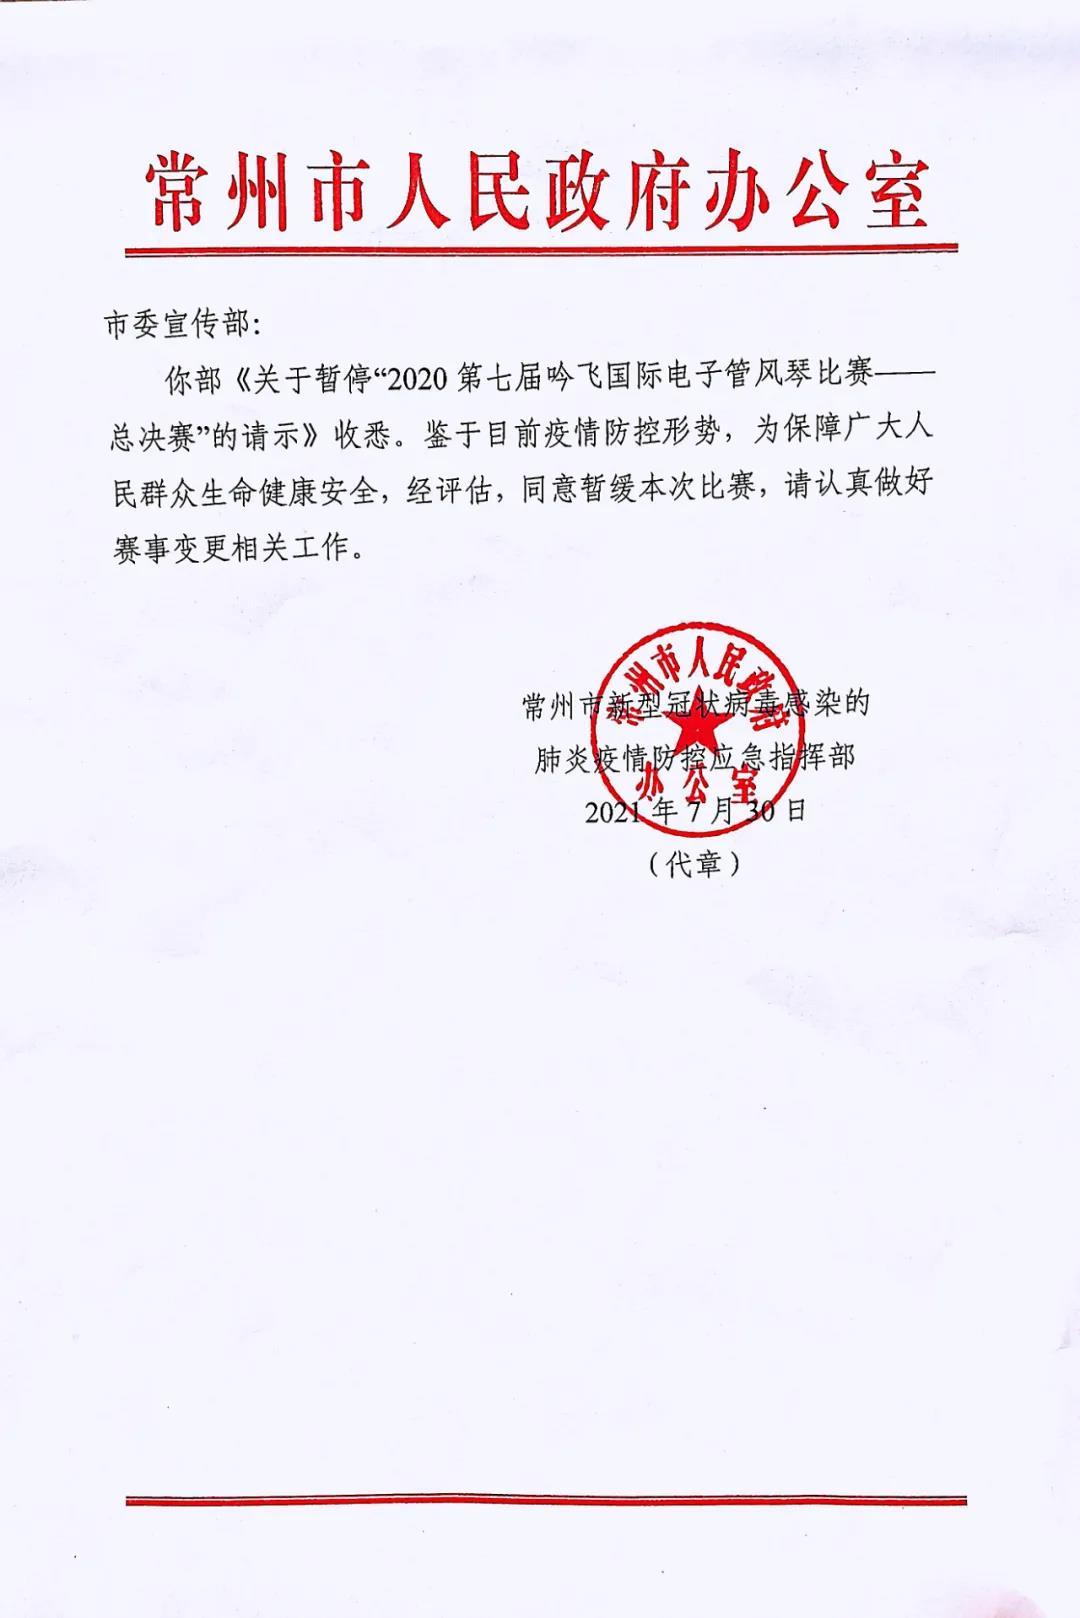 微信图片_20210802164408.jpg